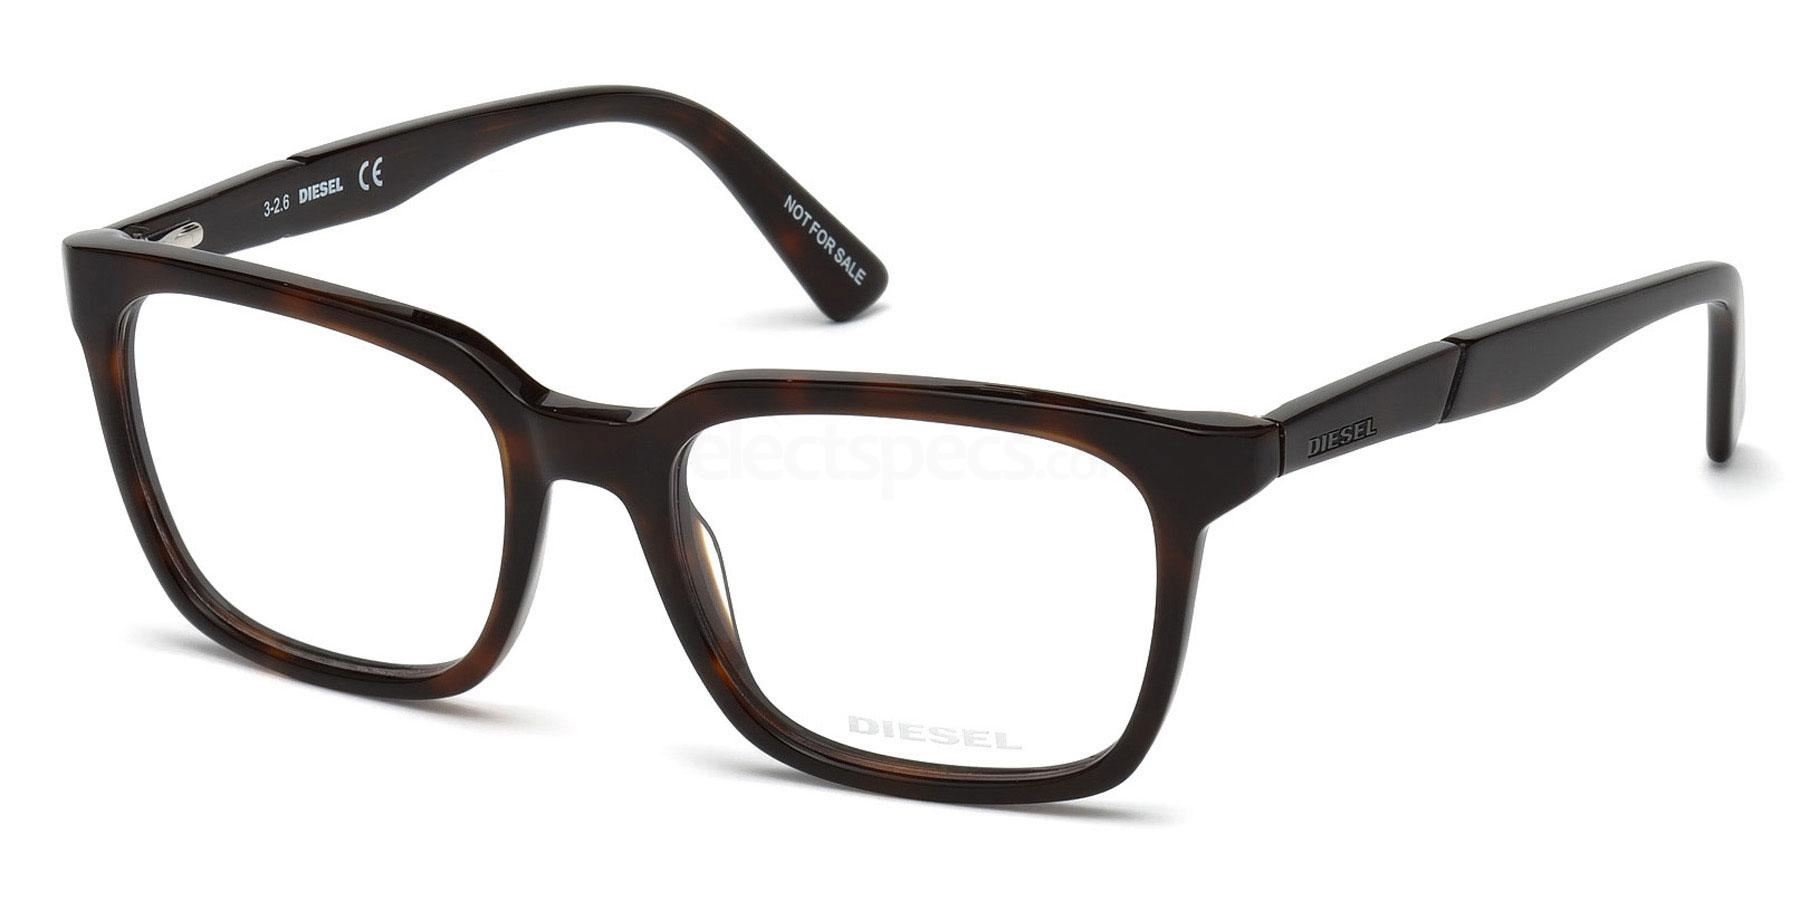 052 DL5246 Glasses, Diesel